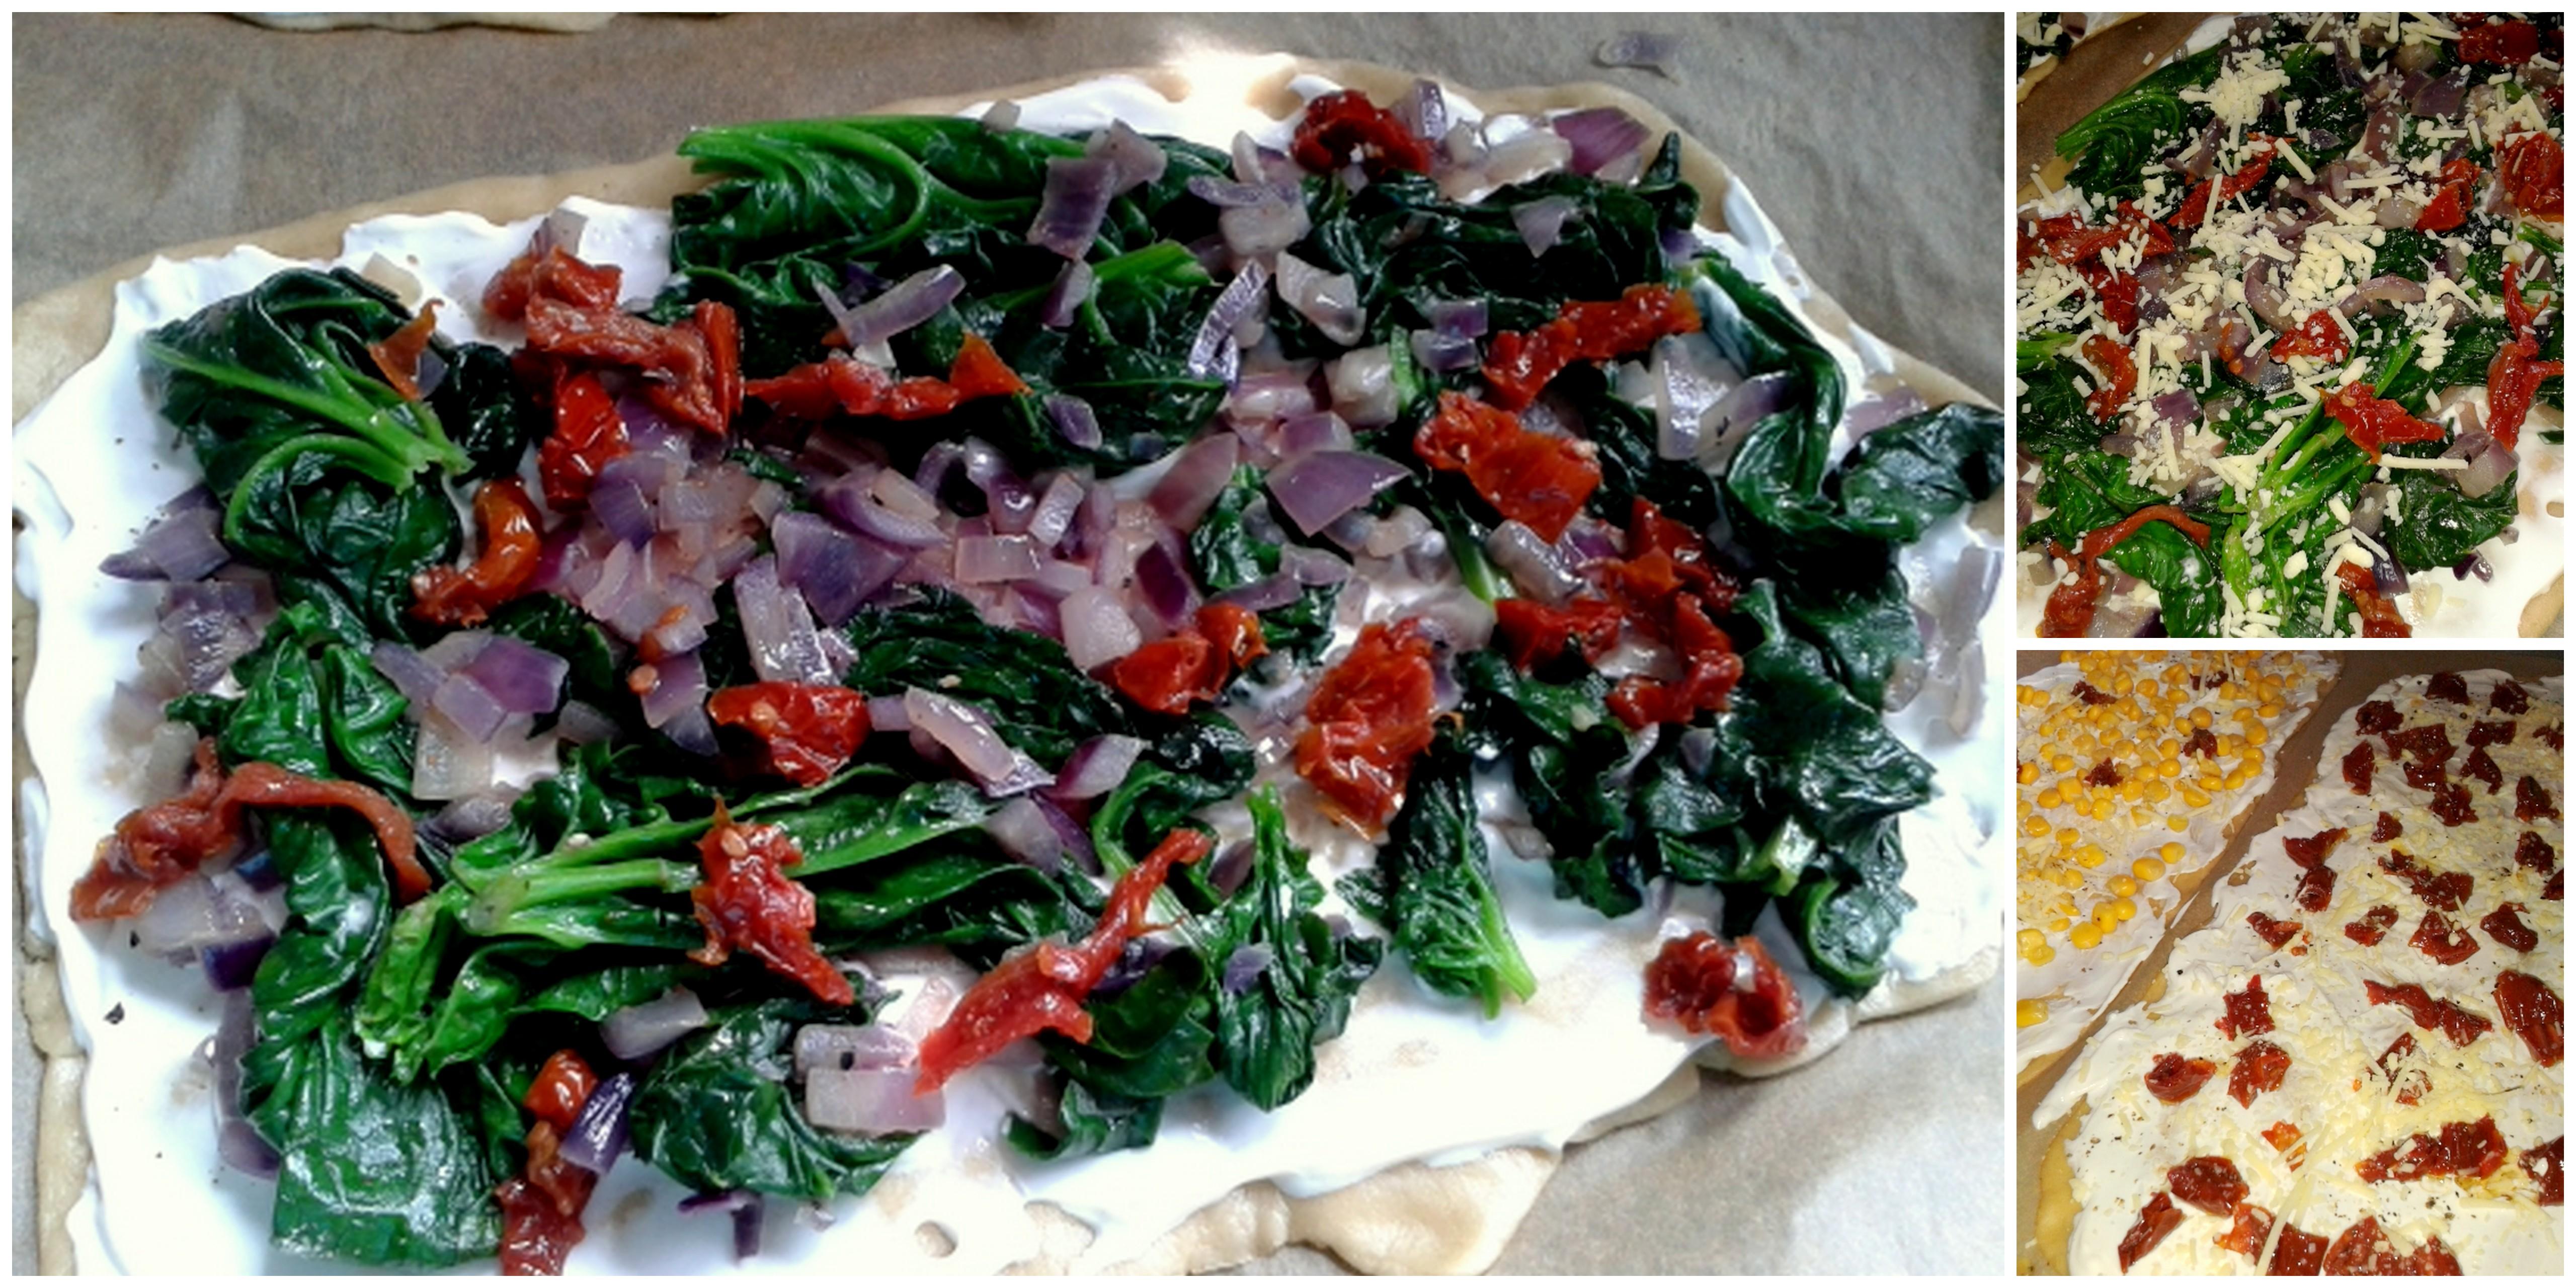 Flammkuchen Vegan Mit Spinat Getrockneten Tomaten Naschkatze